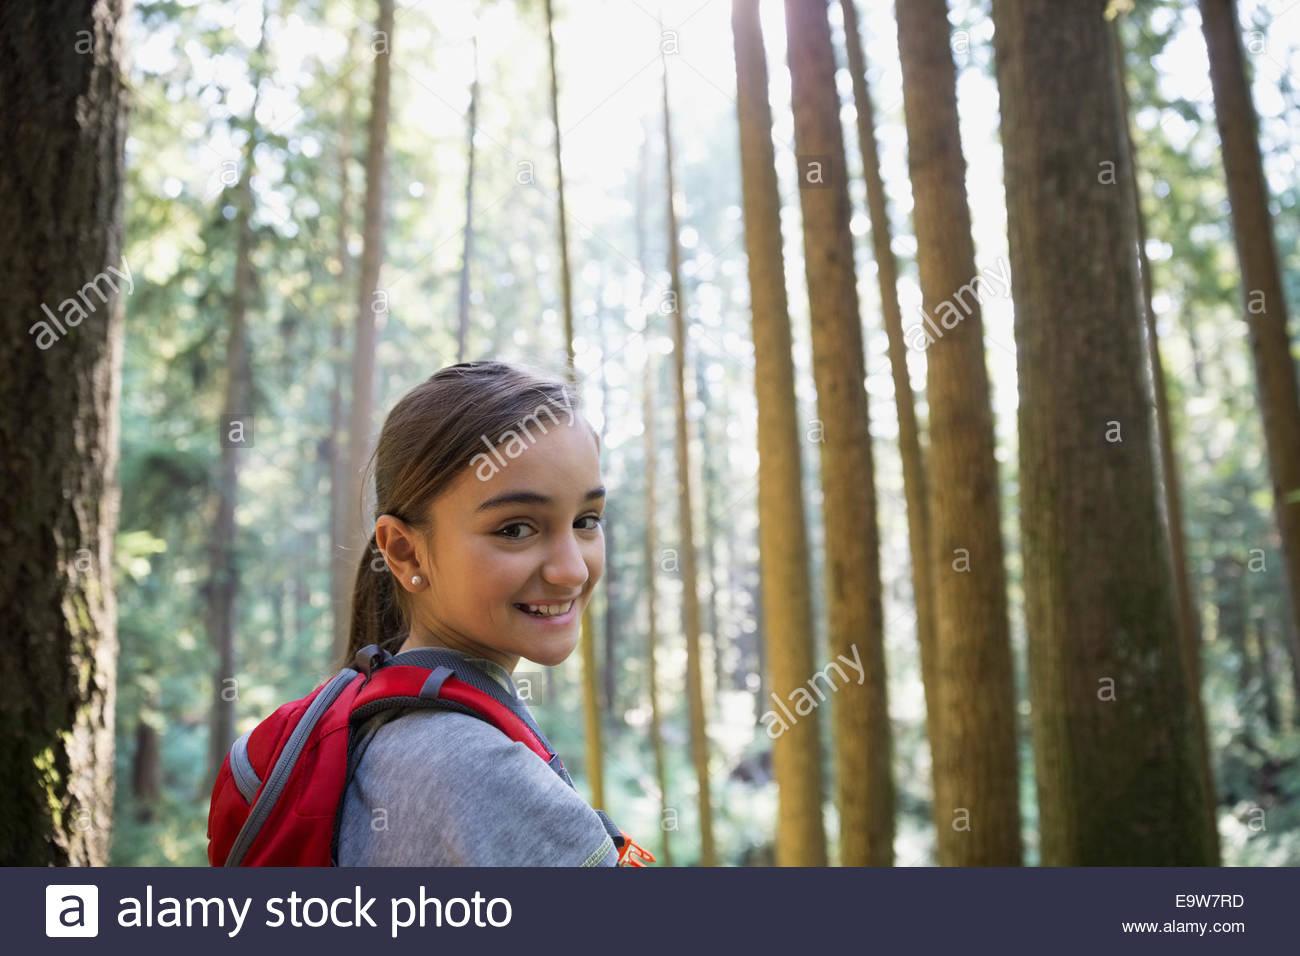 Retrato de niña sonriente en maderas Imagen De Stock